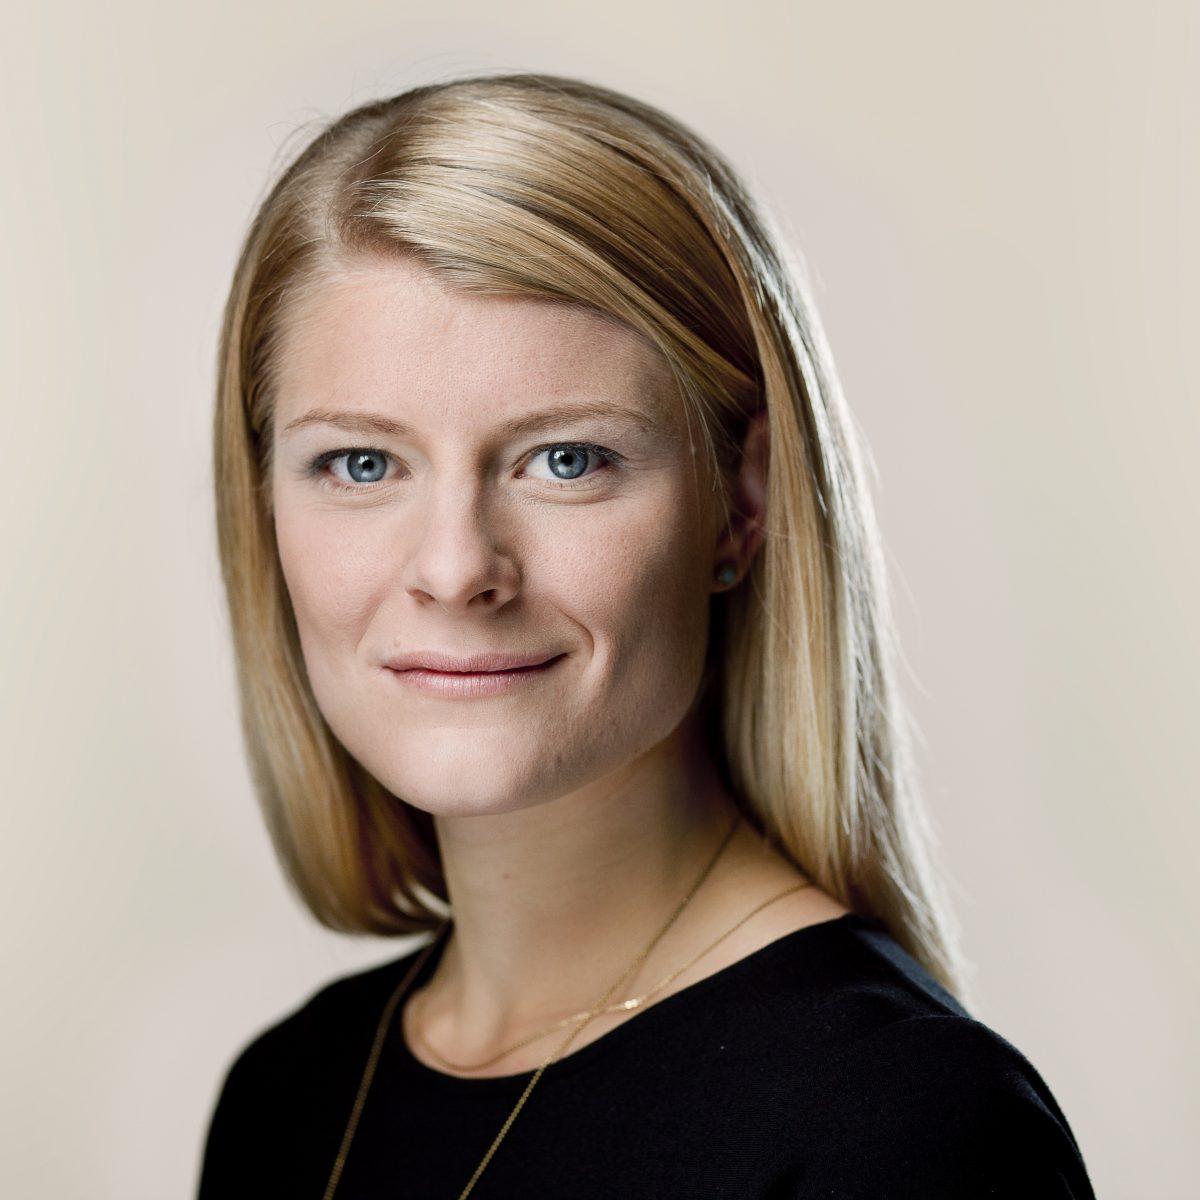 DAGENS POLITIKER: Børneordfører Ane Halsboe-Jørgensen (A)